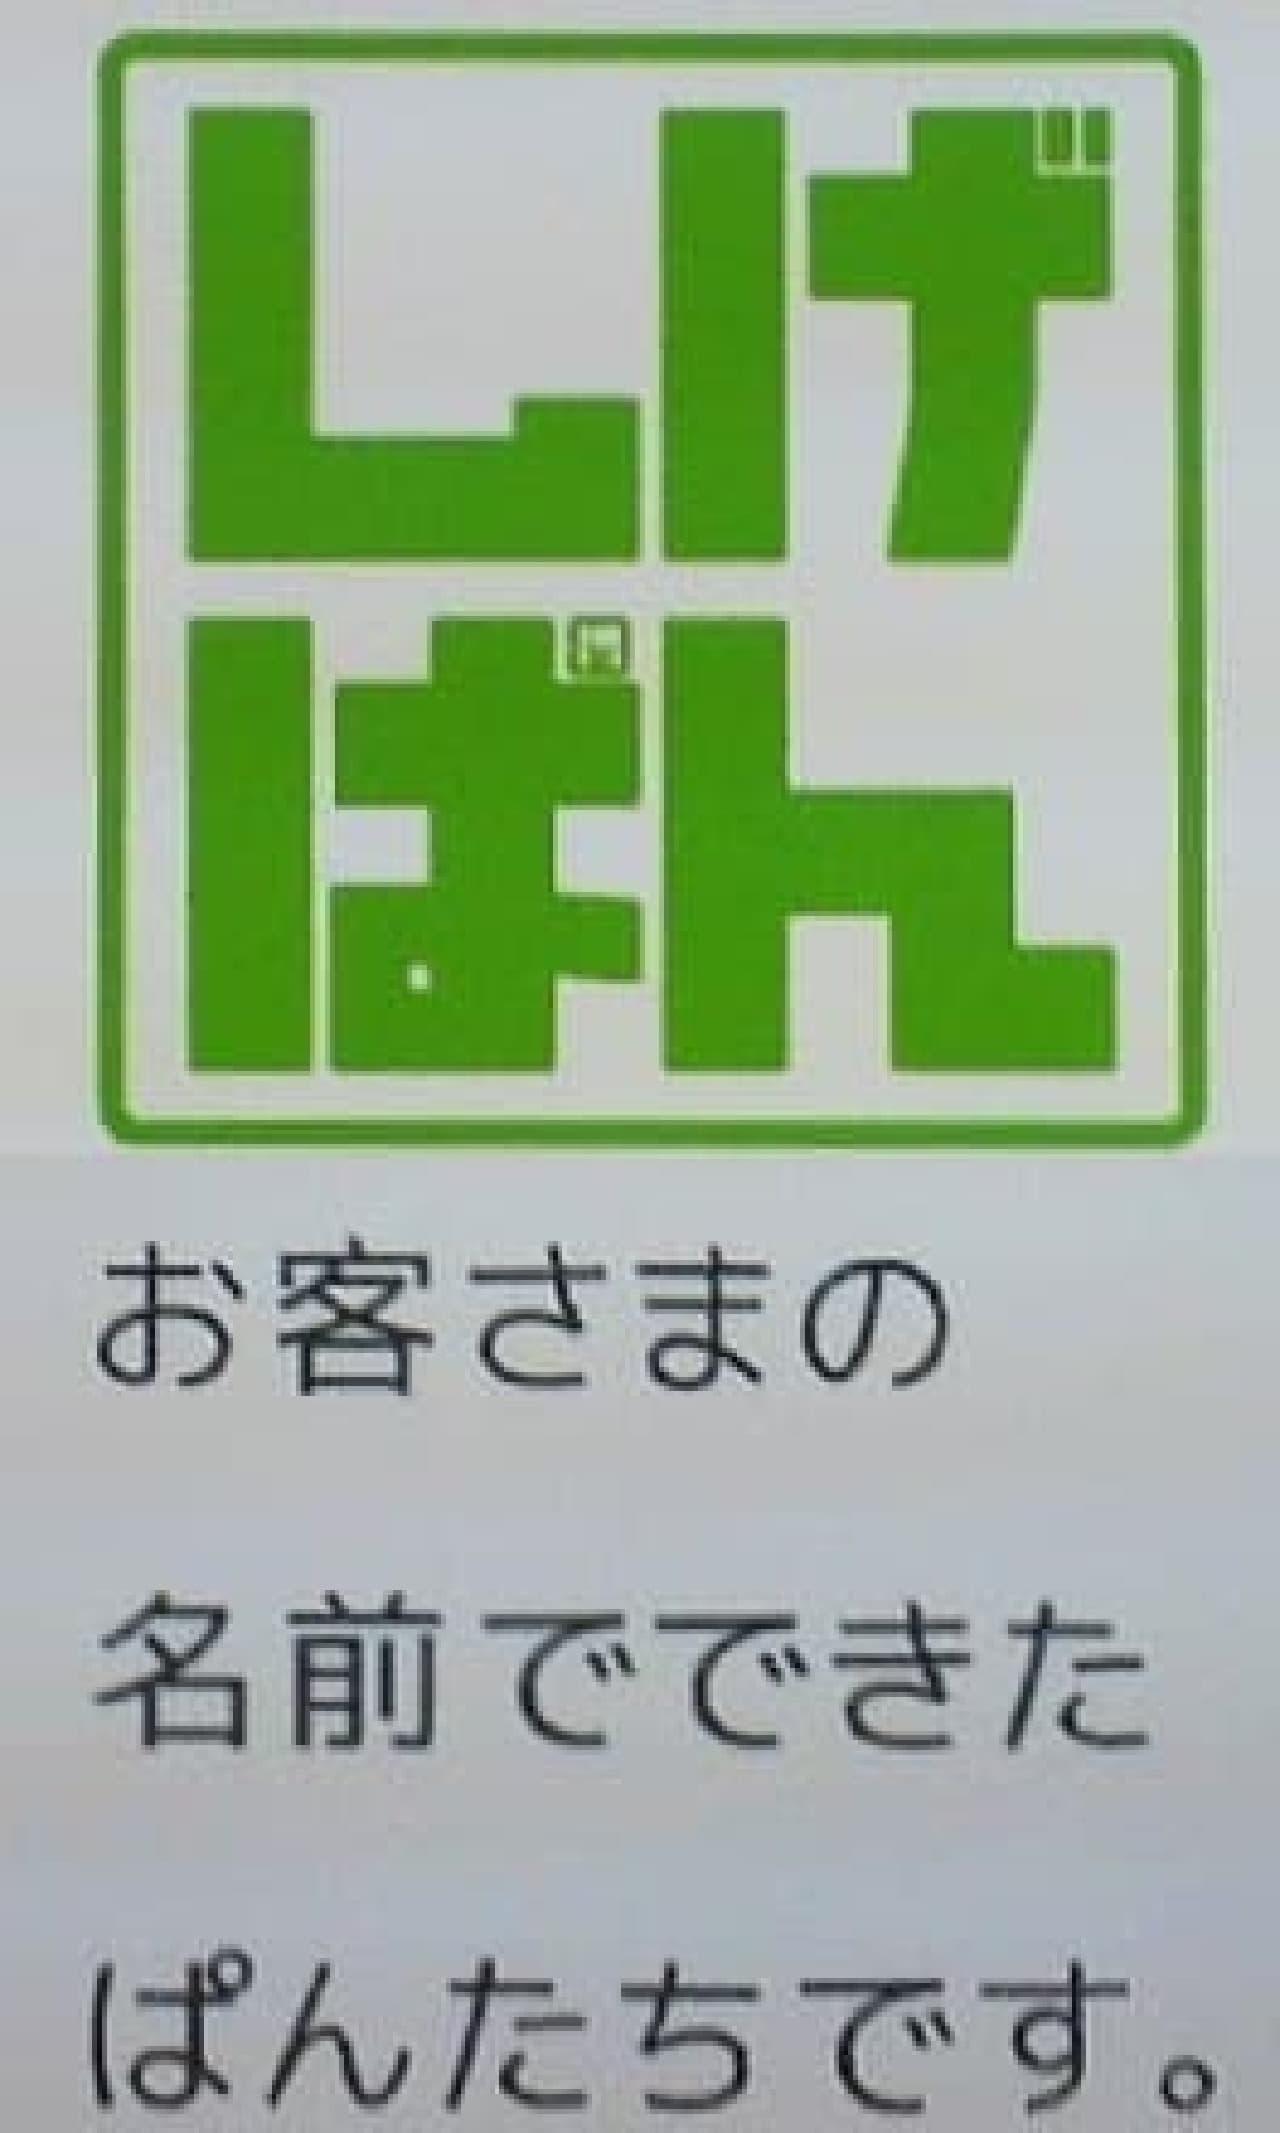 お店のロゴです